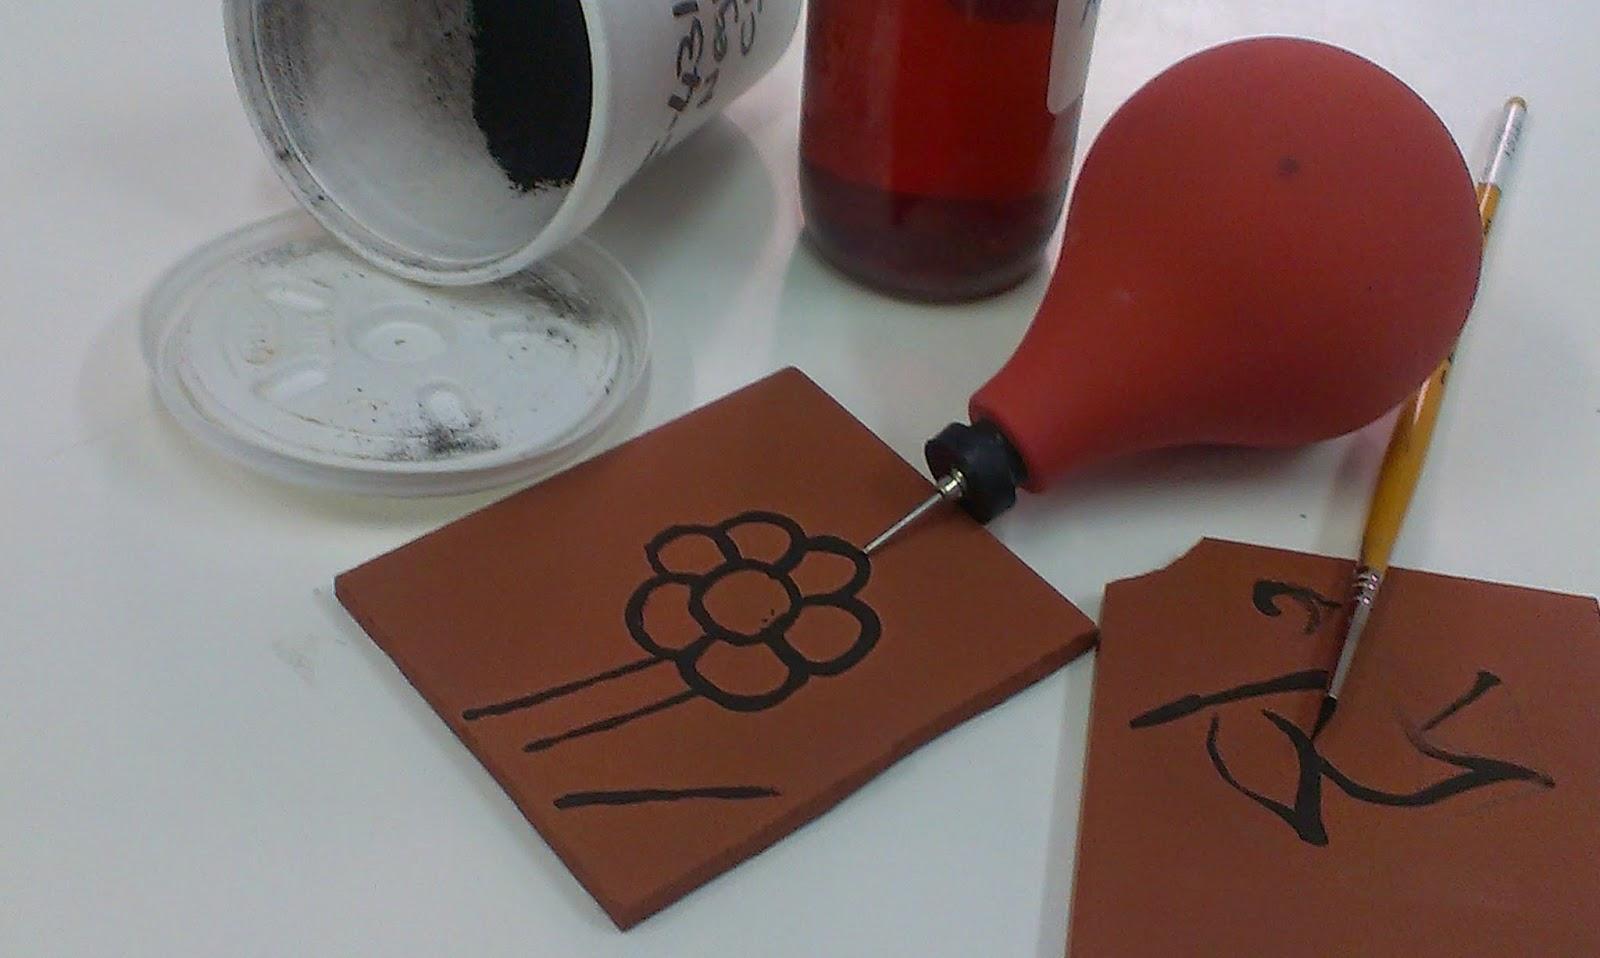 El taller de martinez y trini t cnica de decoraci n for Tecnicas para esmaltar ceramica